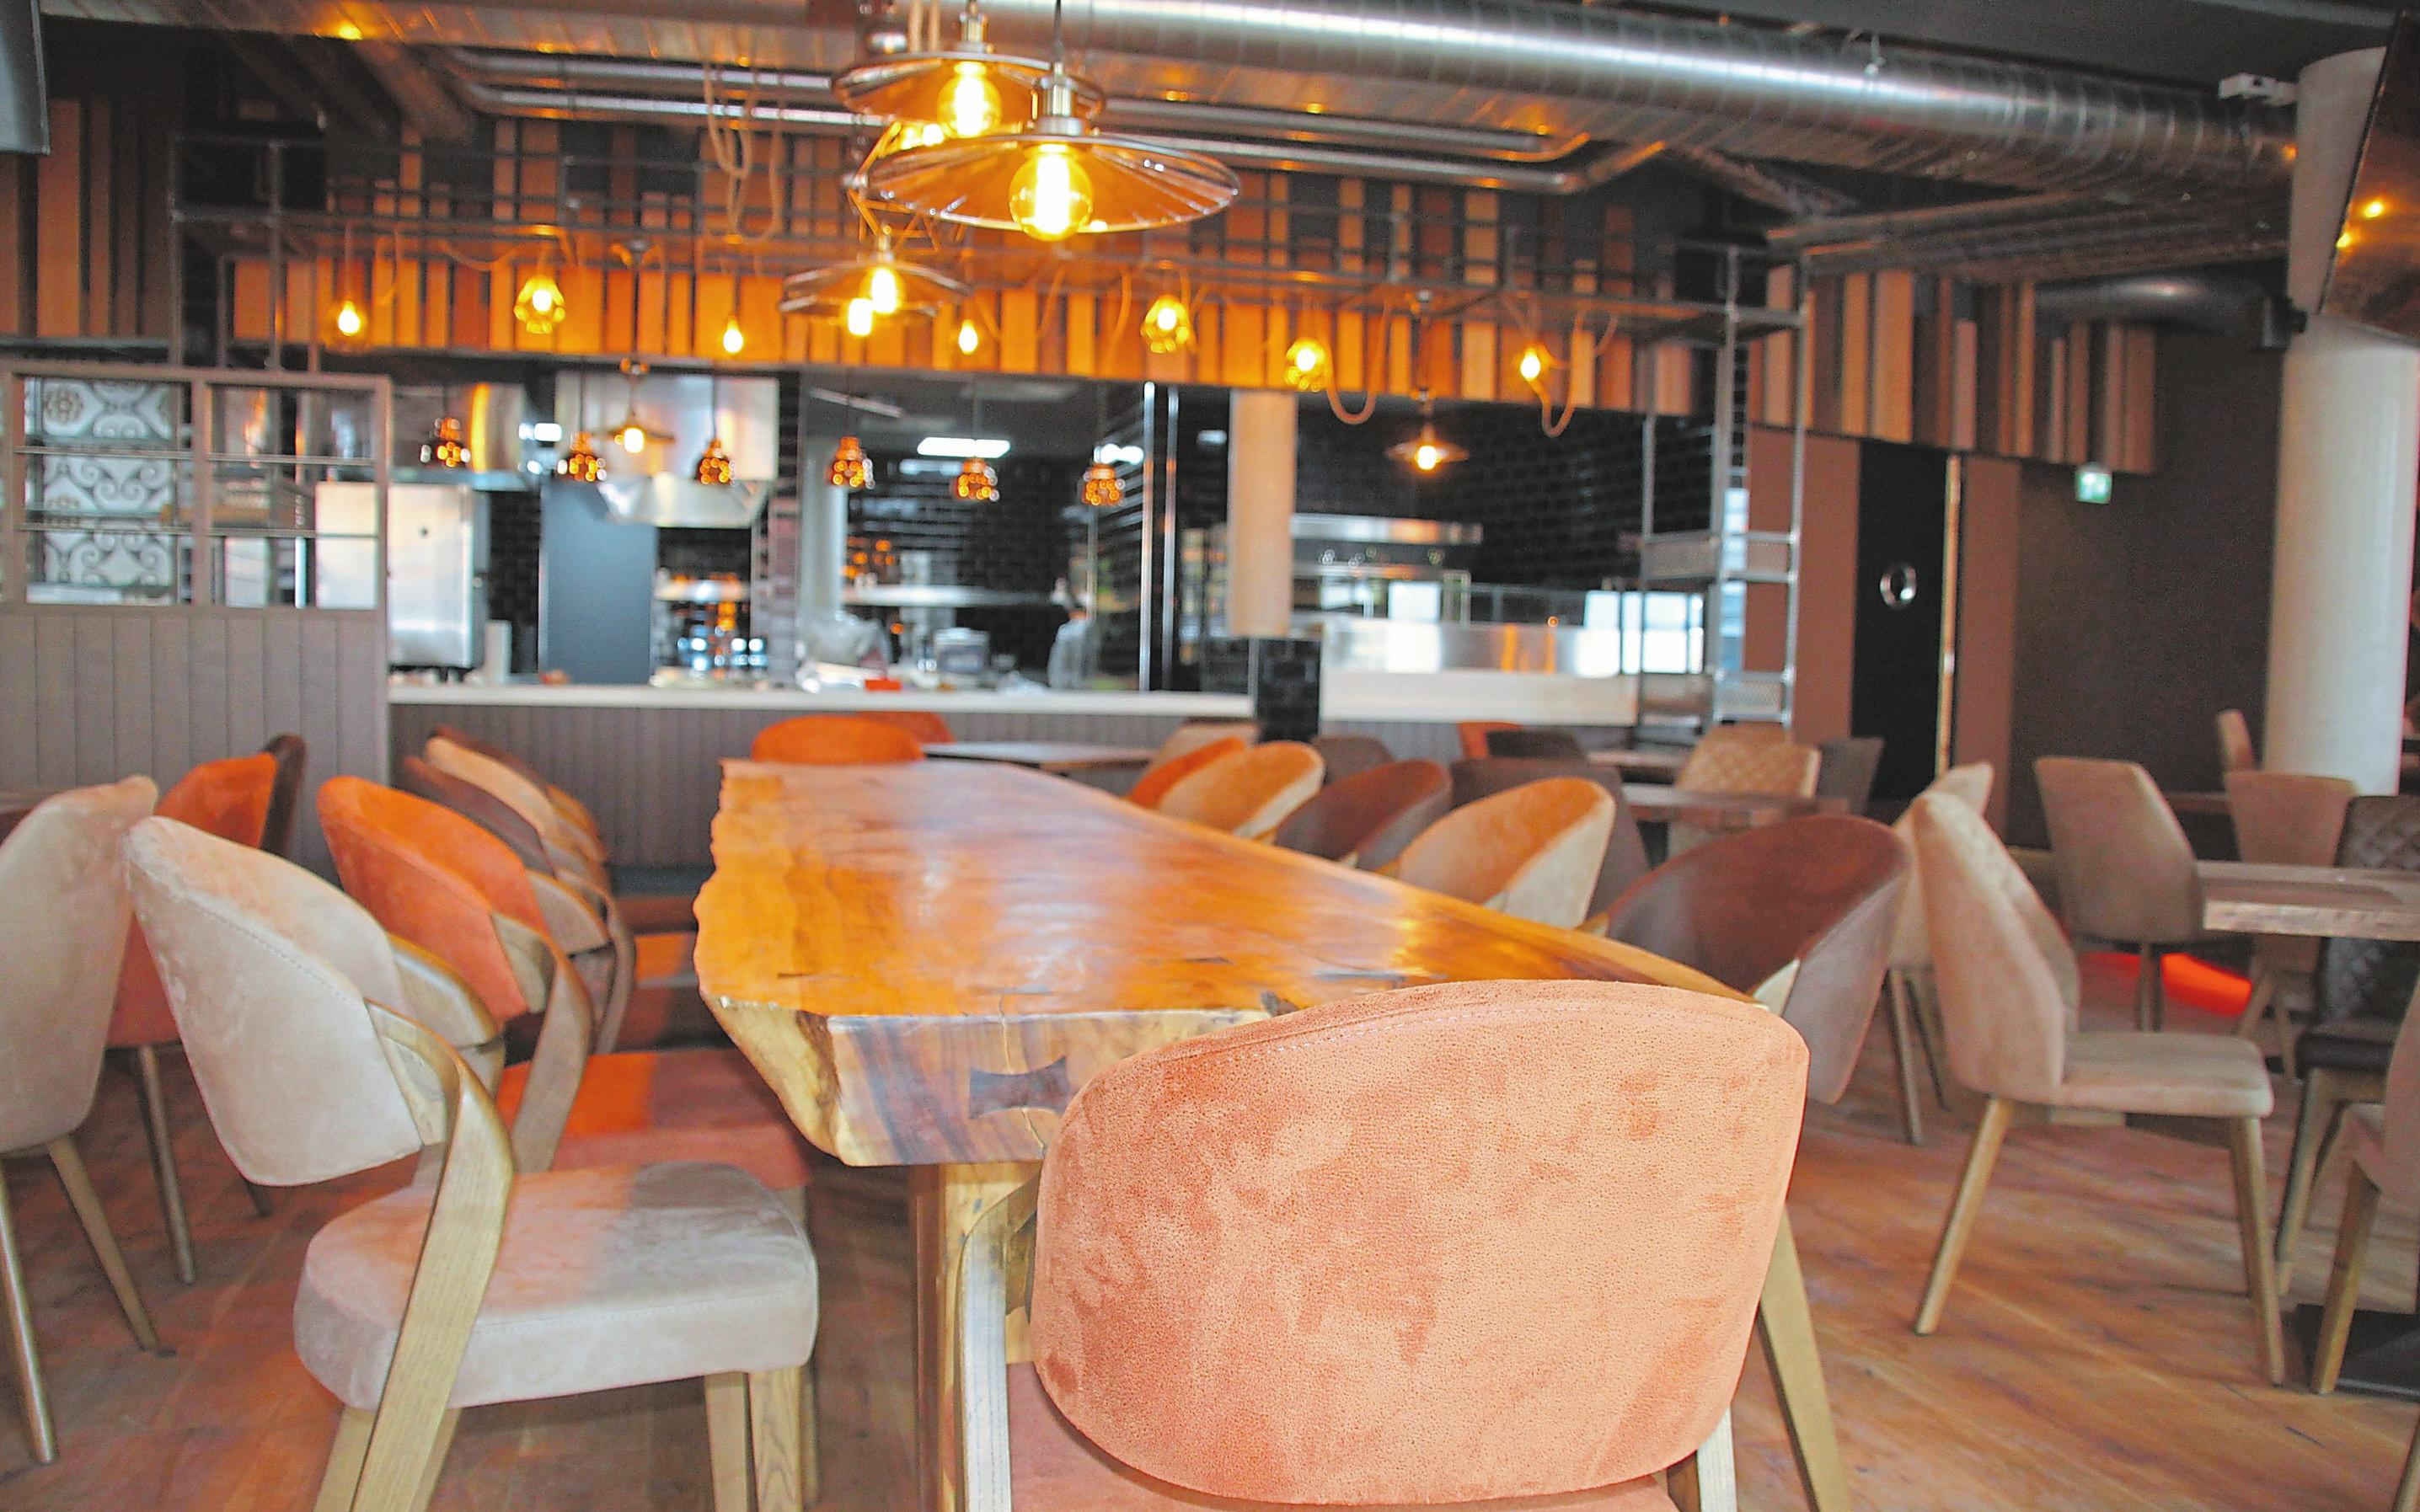 Massive Holztische, hochwertige Stühle und die offene Show-Küche im Hintergrund, so präsentiert sich das Mezzomar.Foto: Jan-Philipp Jenke